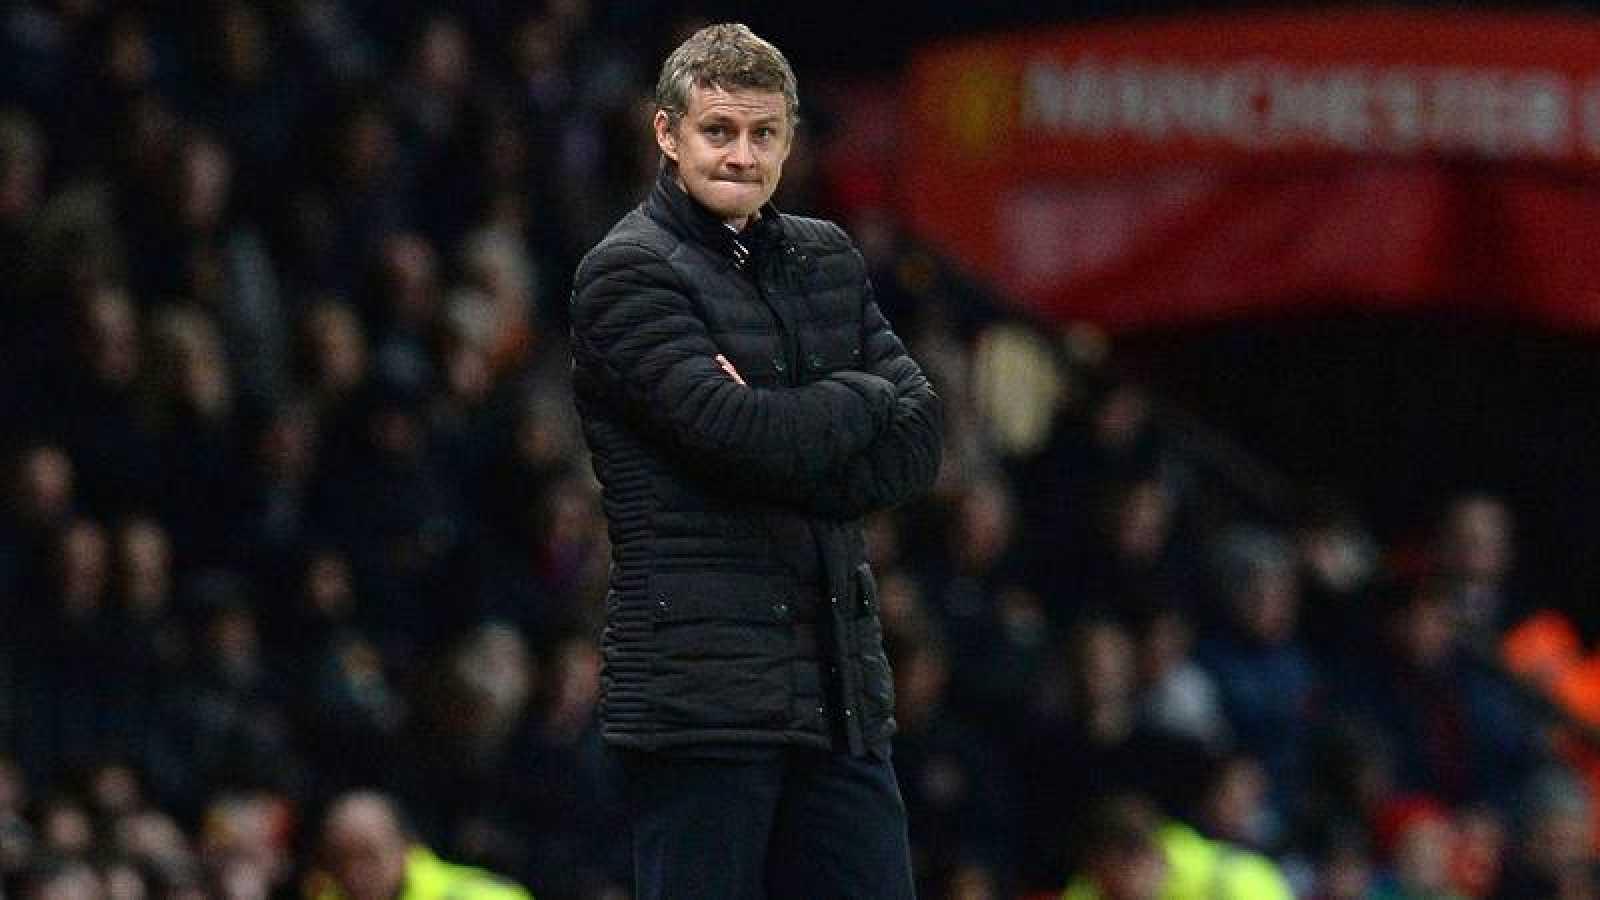 El Manchester United nombra al noruego Solskjaer como entrenador interino